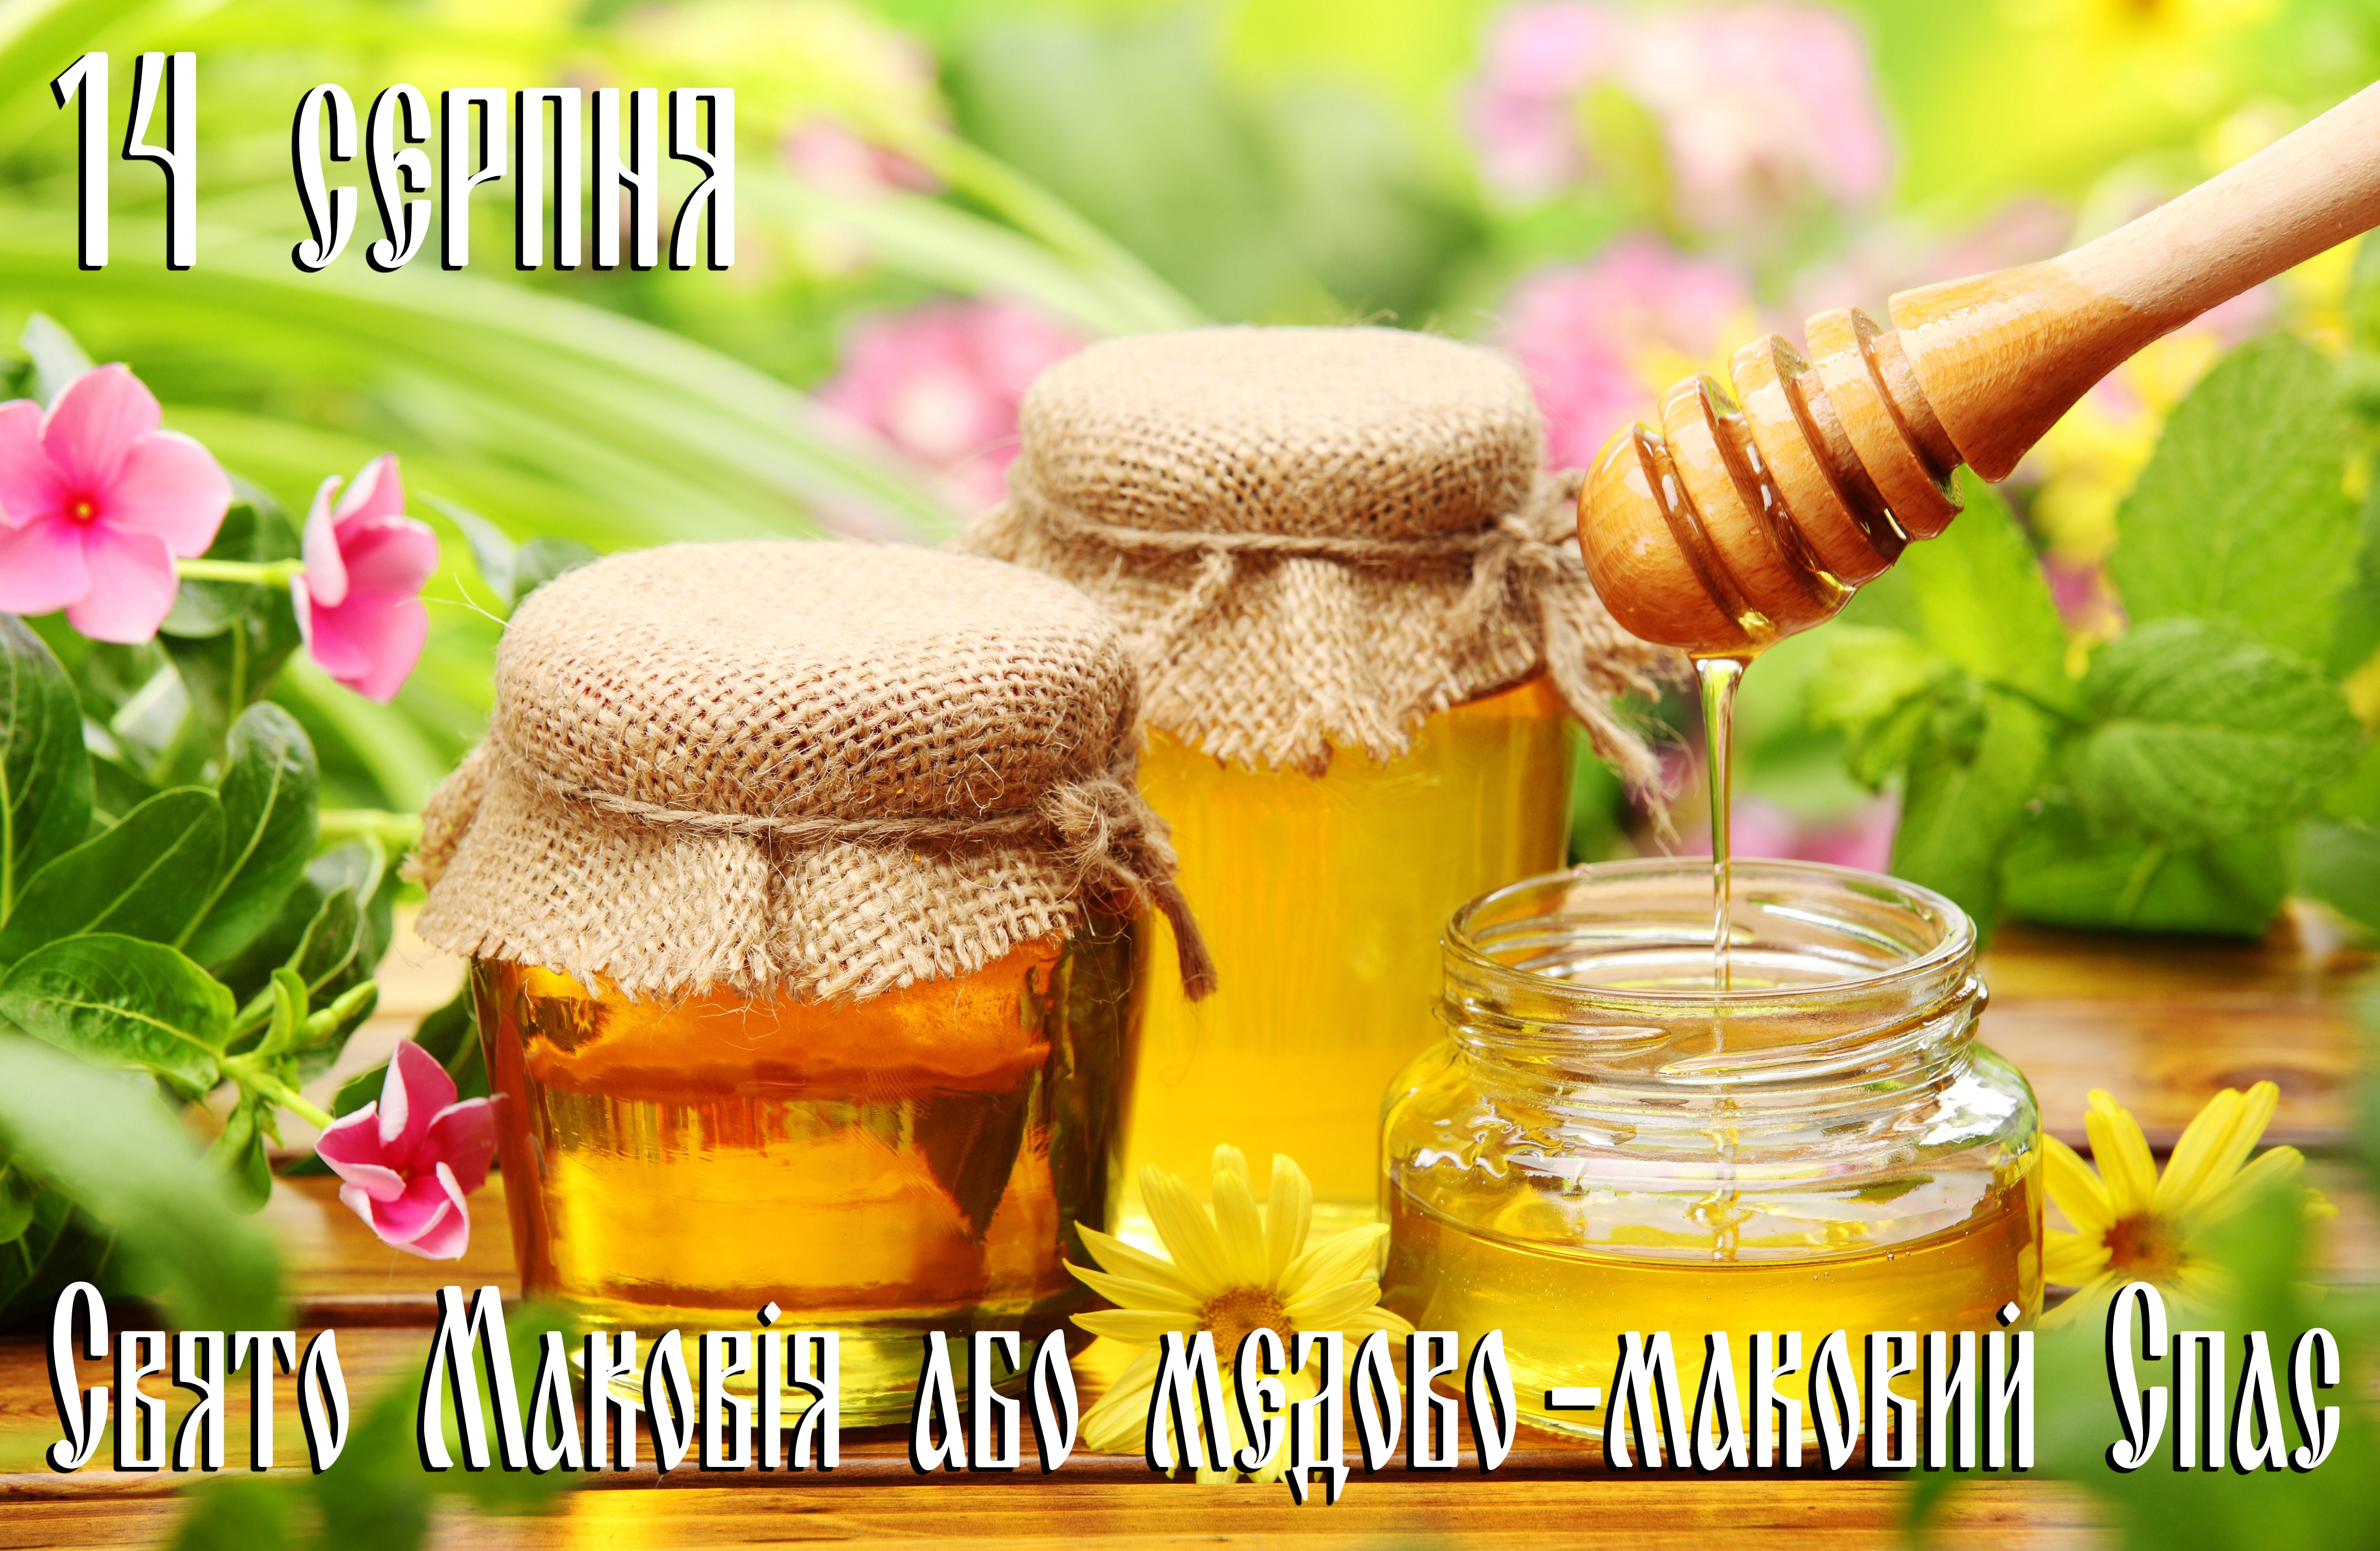 14 серпня – свято Маковія або медово-маковий Спас